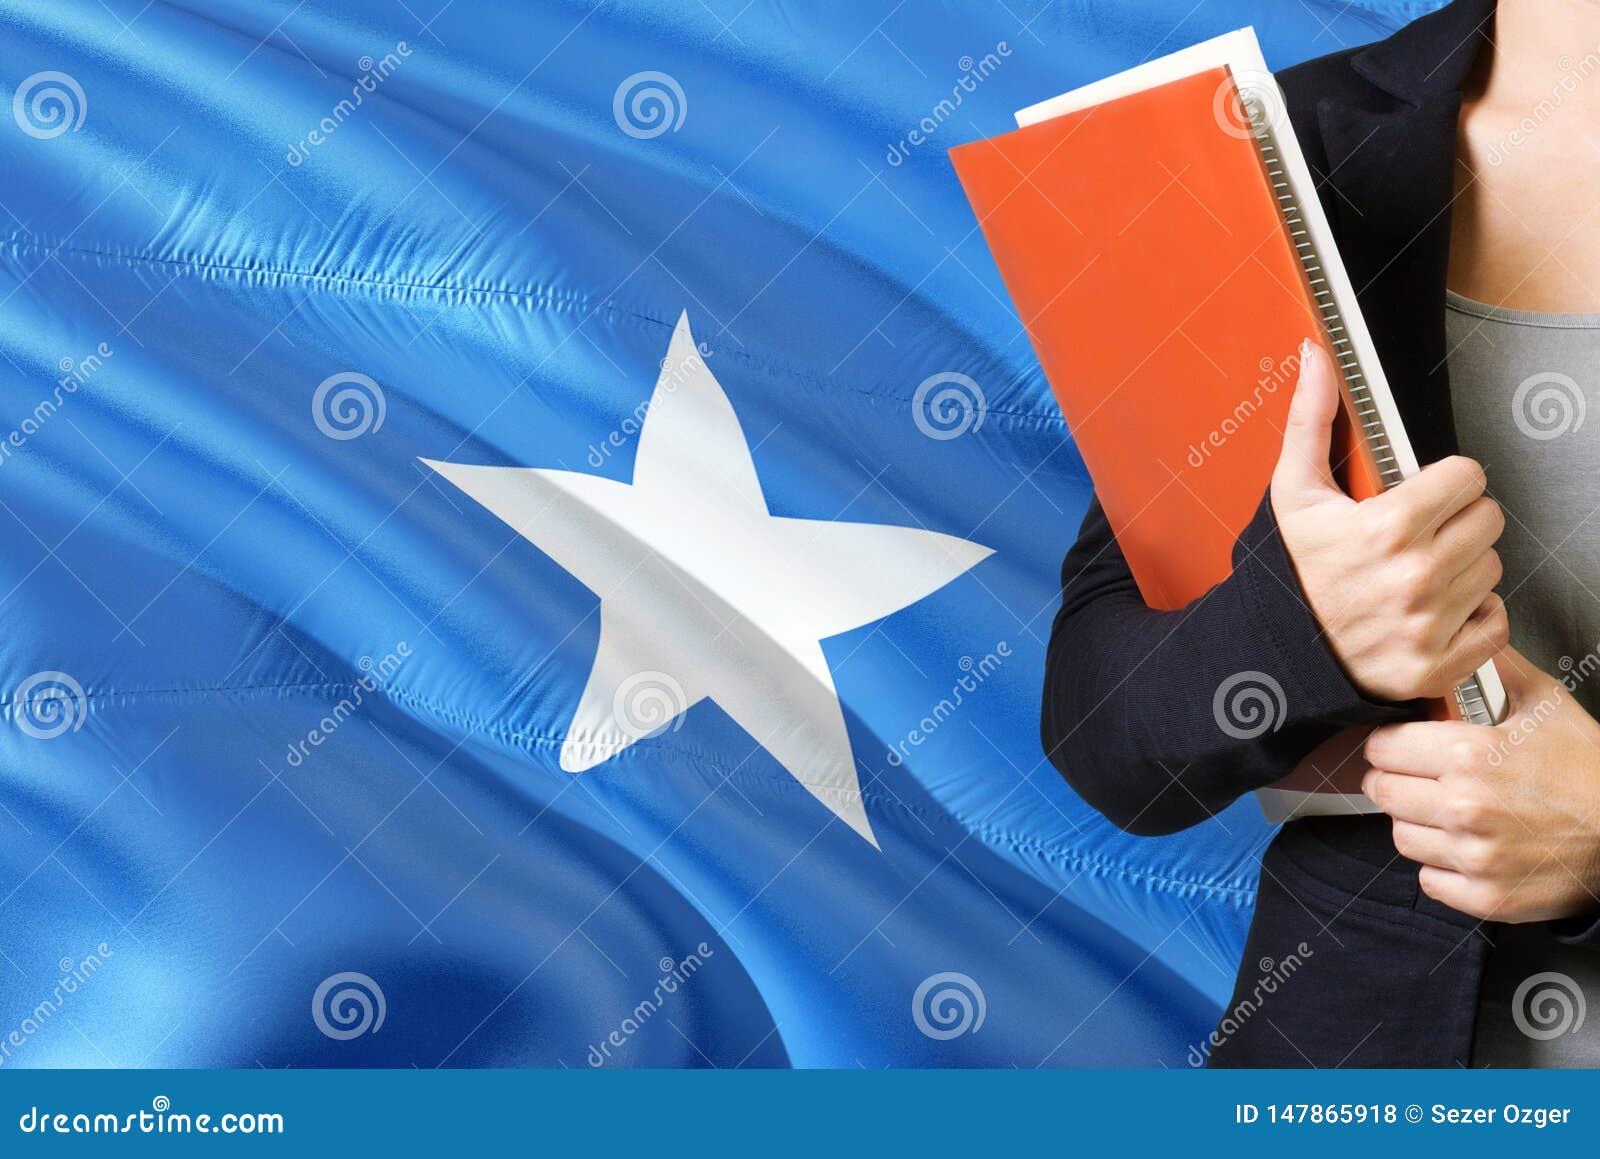 Aprendizaje de concepto somalí de la lengua Situación de la mujer joven con la bandera de Somalia en el fondo Profesor que sostie